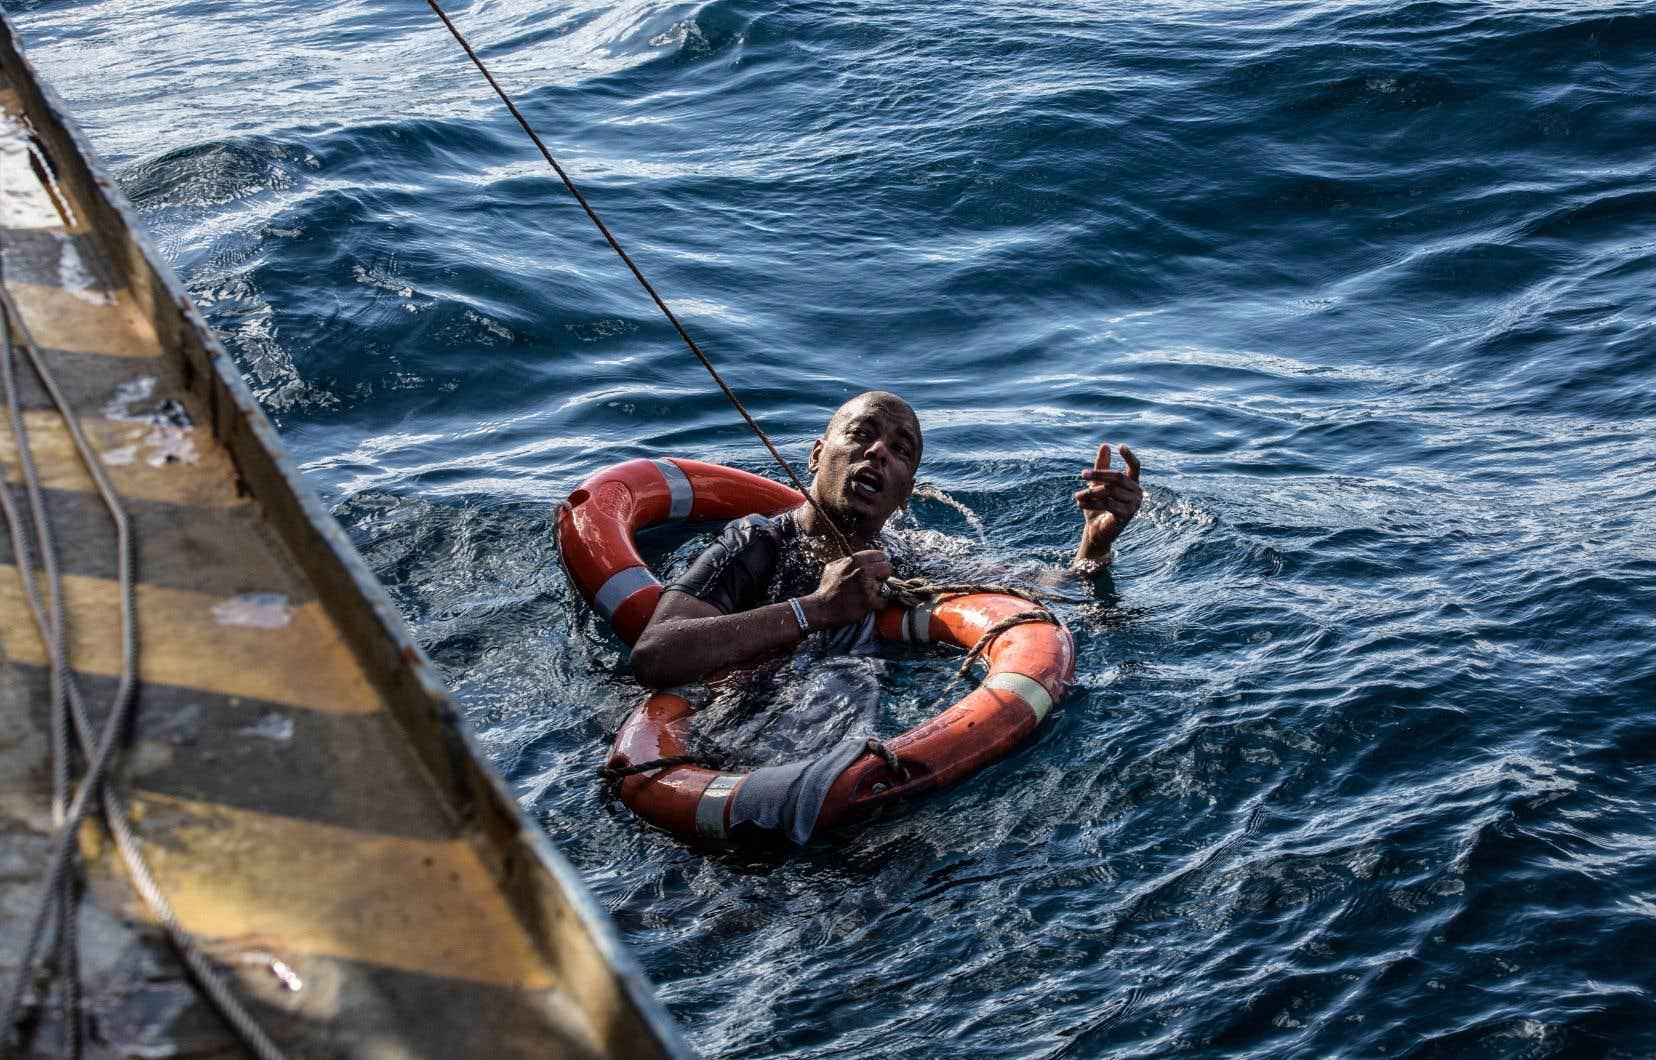 Un migrant secouru le 4 janvier par l'équipage du navire allemand Sea-Watch aux larges des côtes maltaises